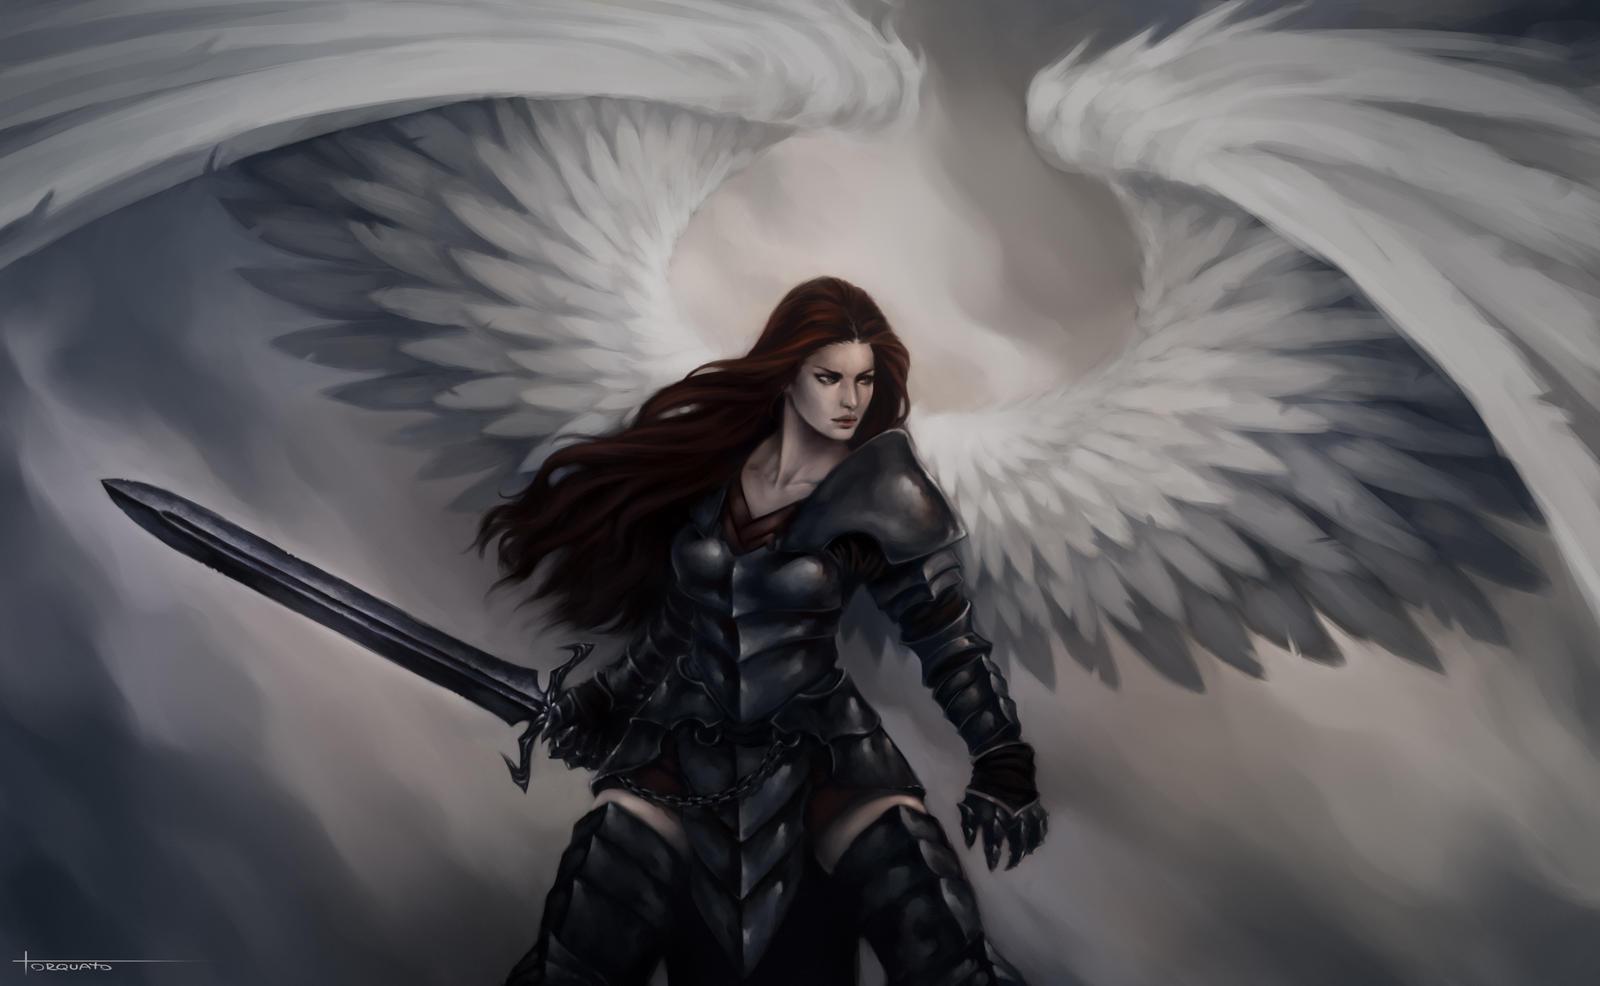 Warrior Angel - 23-06-12